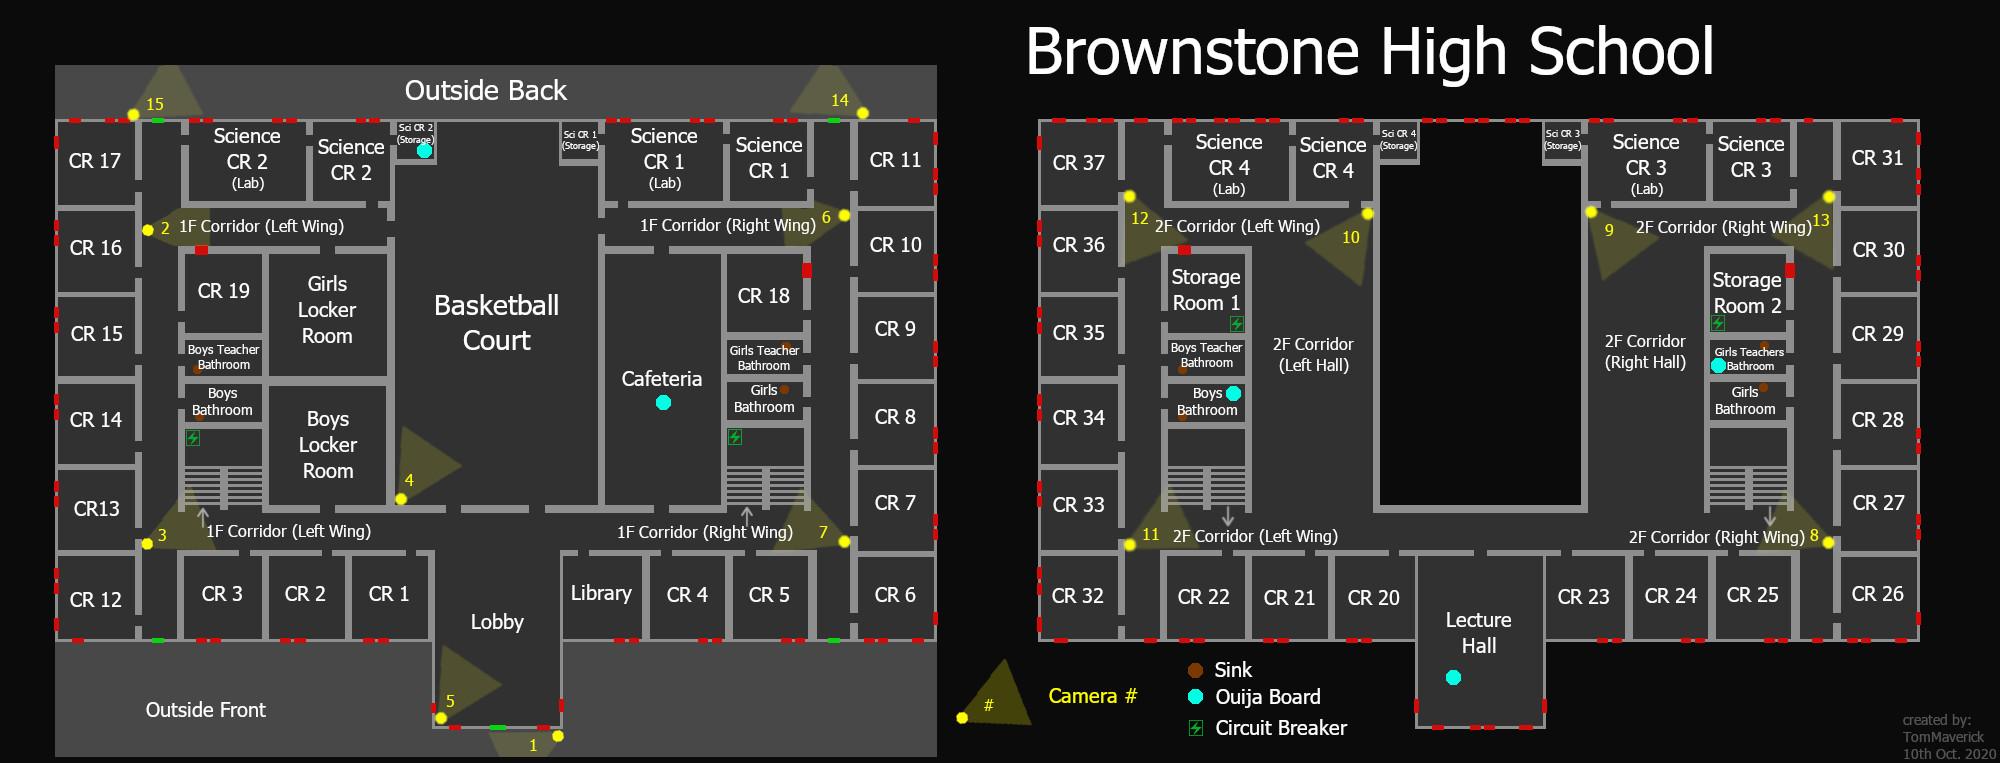 brownstone_high_school.jpg